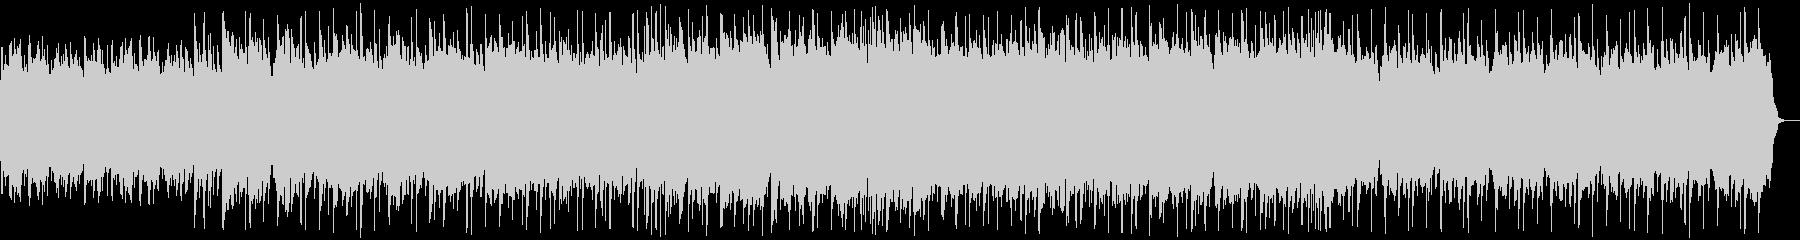 幻想的 神秘的な流れるピアノヒーリングbの未再生の波形